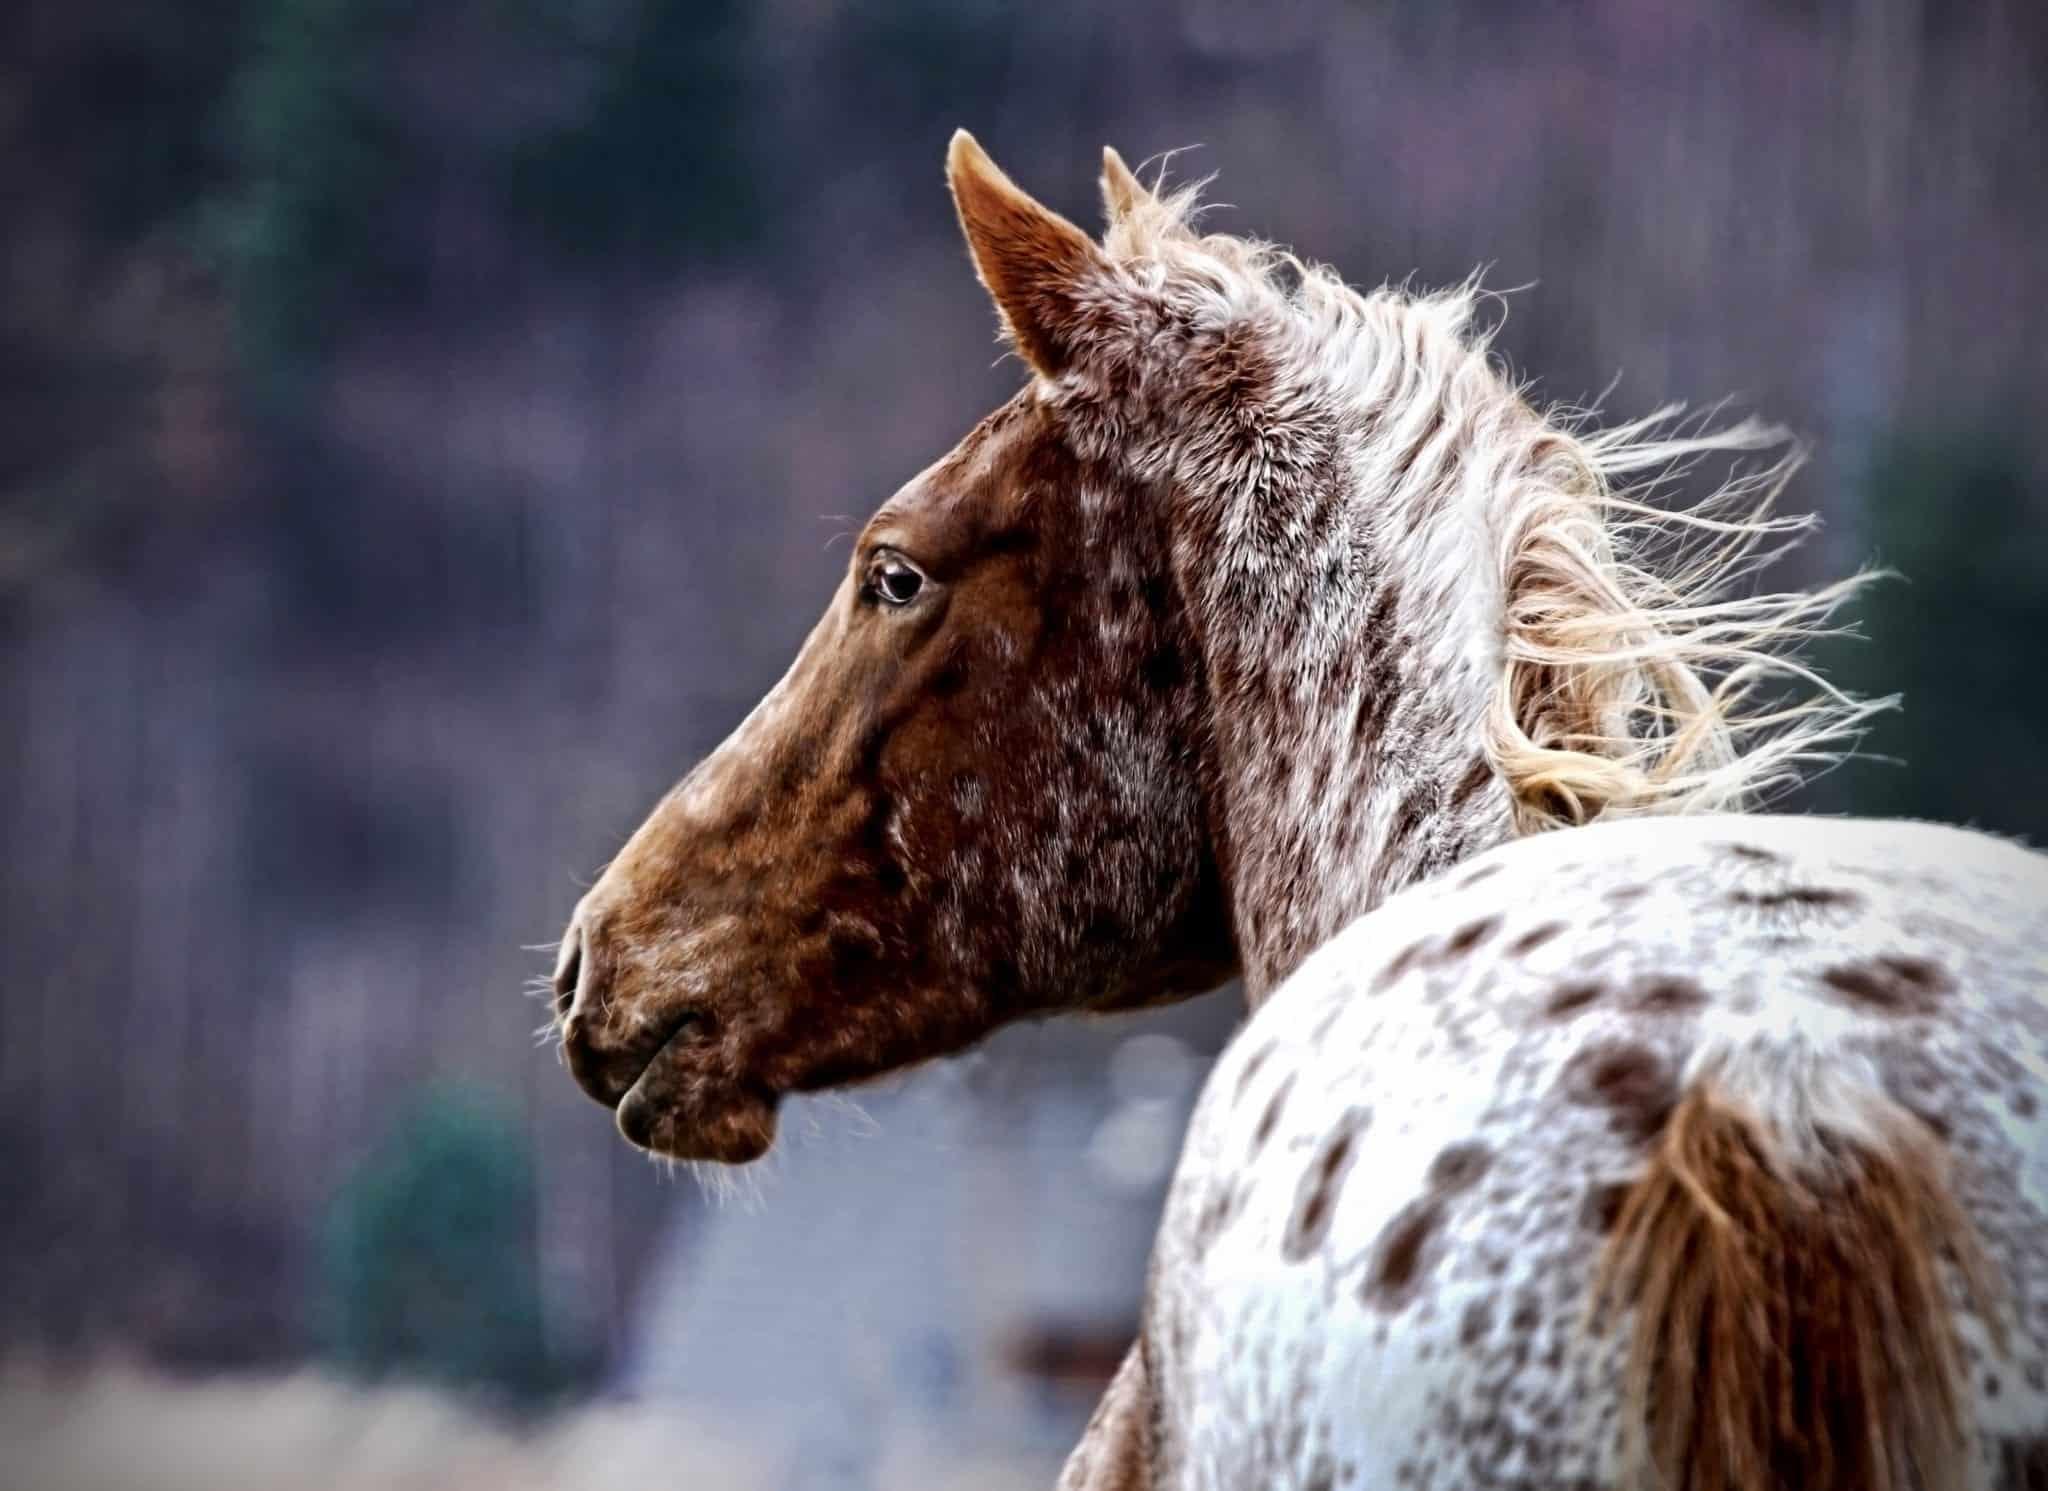 Portrait of a appaloosa horse foal in the wild